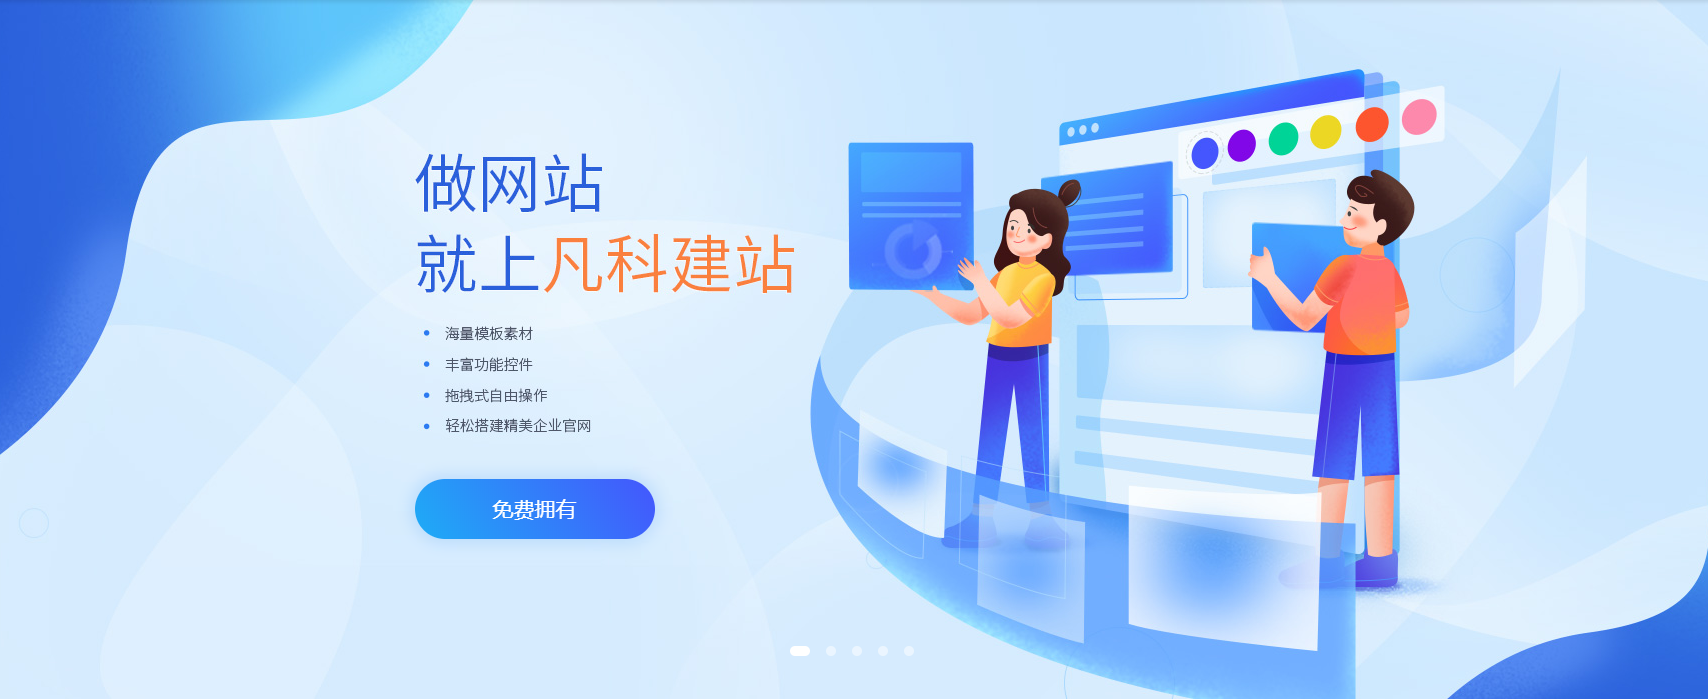 政府经典严肃庄重网站模板